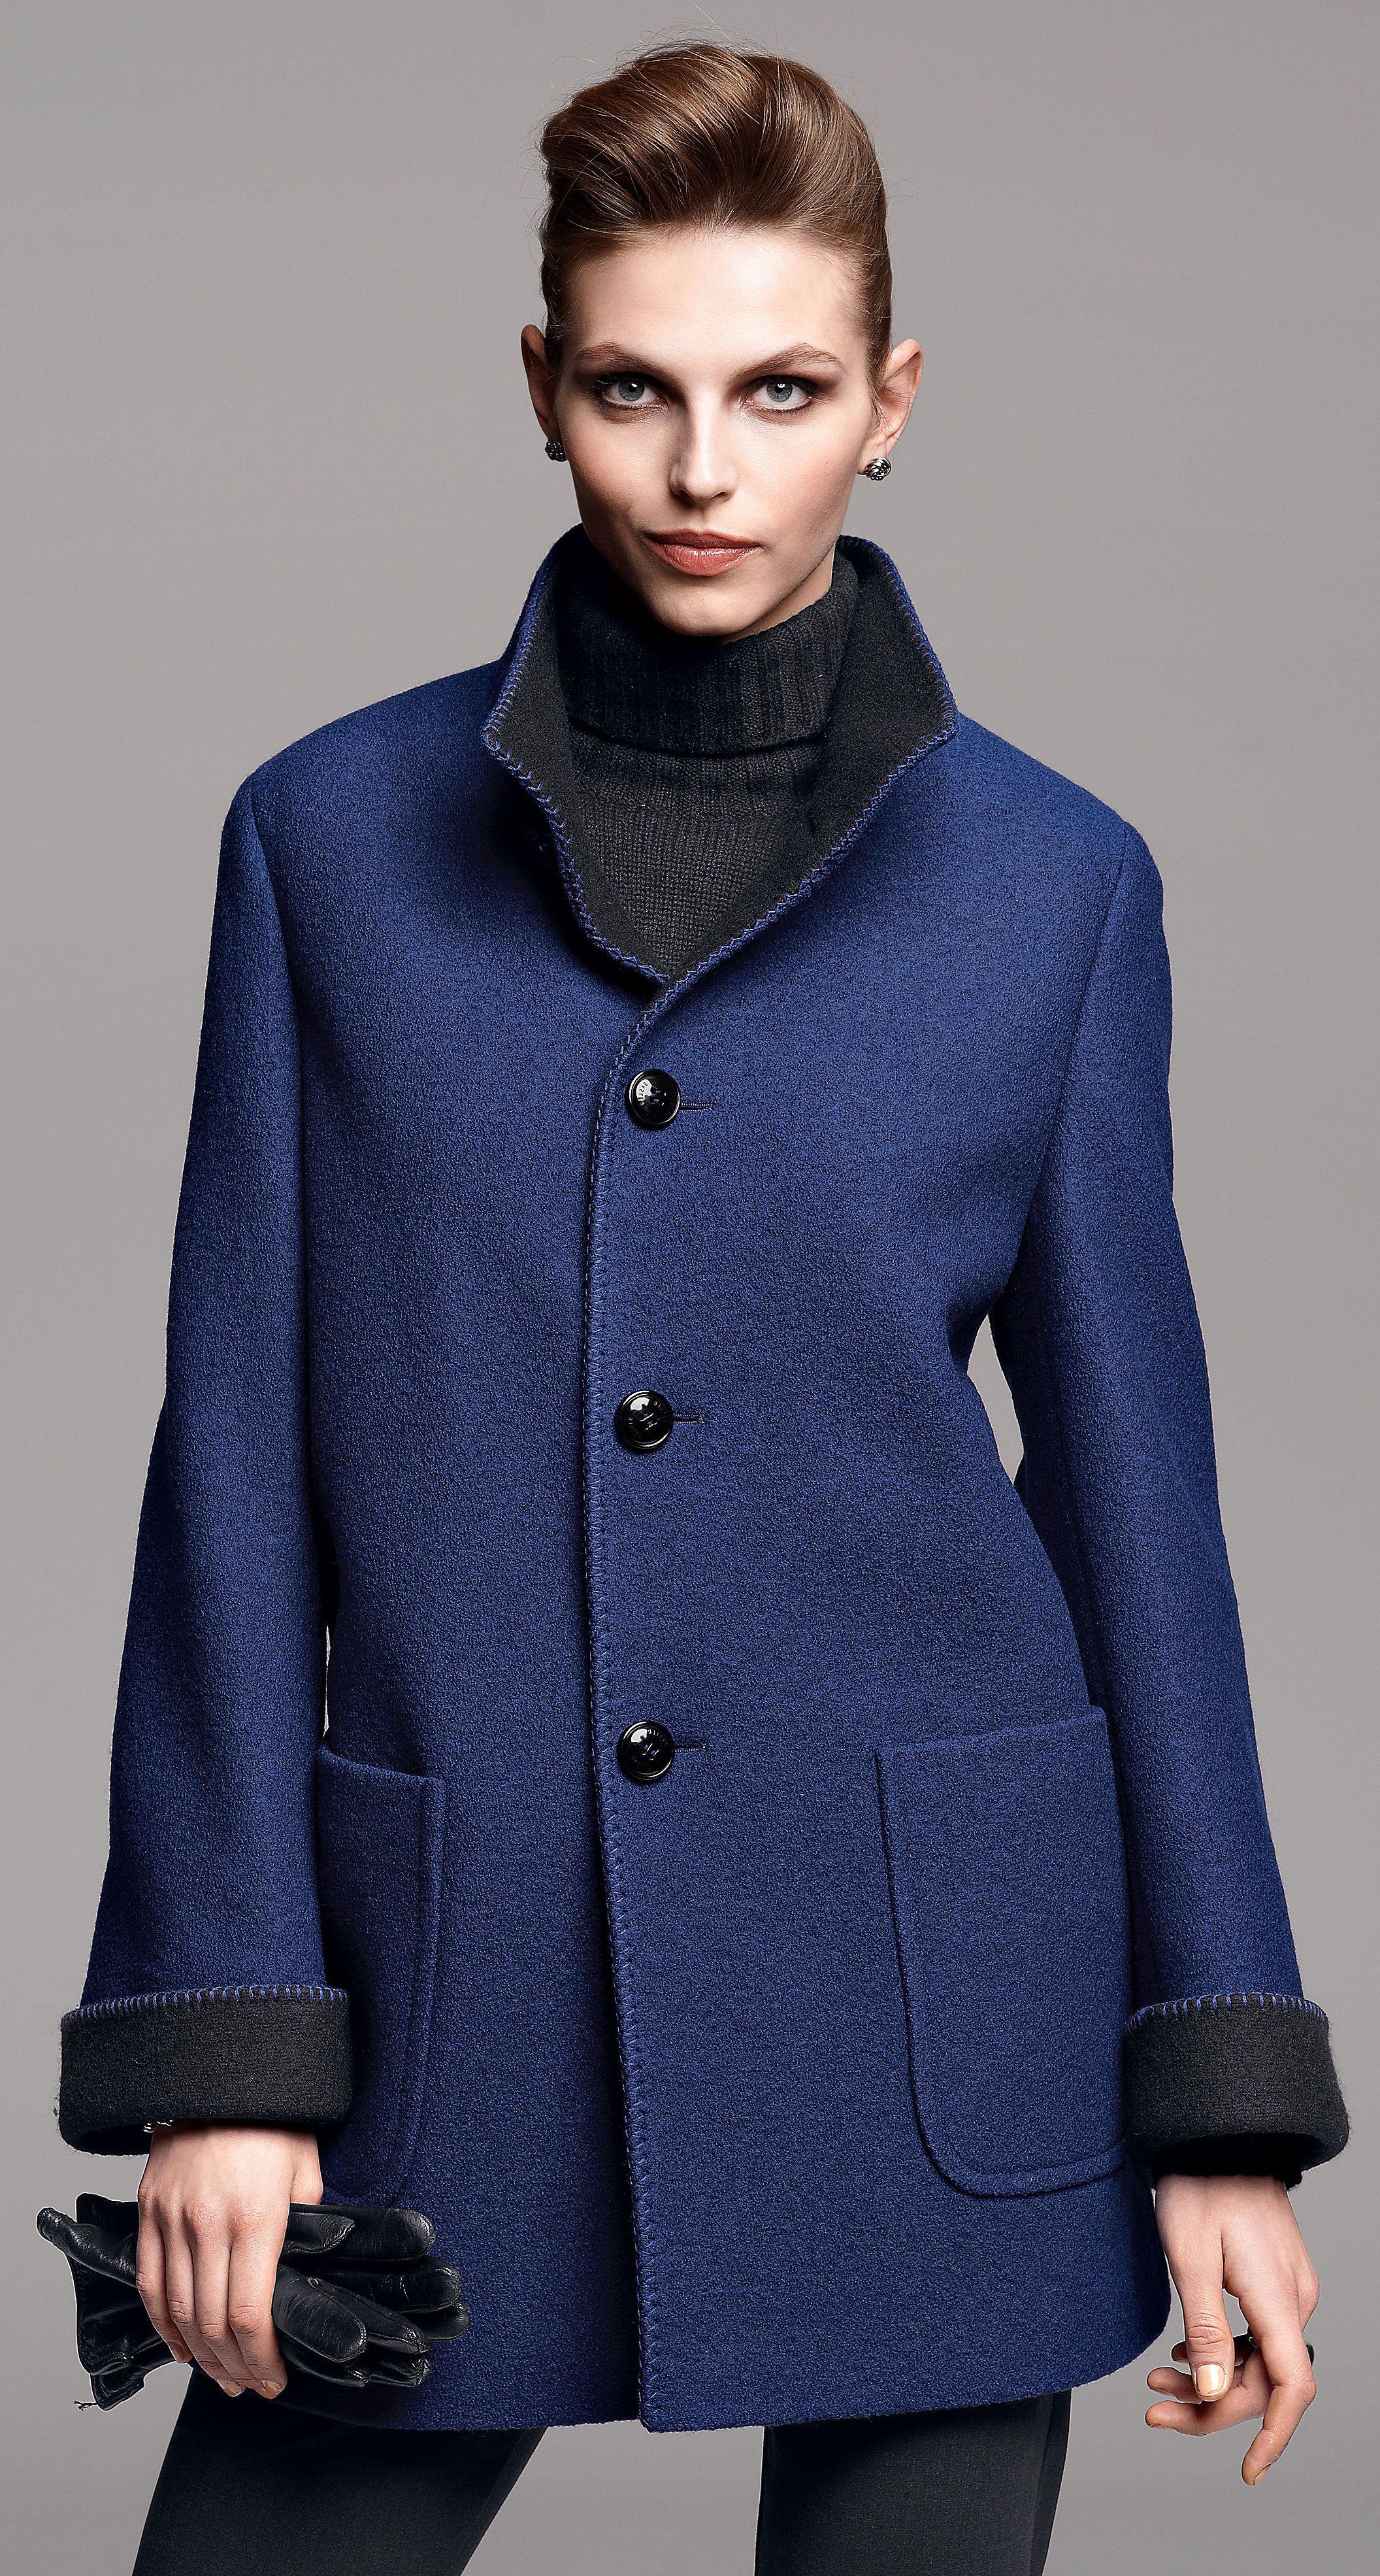 осеннее пальто женское 2012 2013 фото